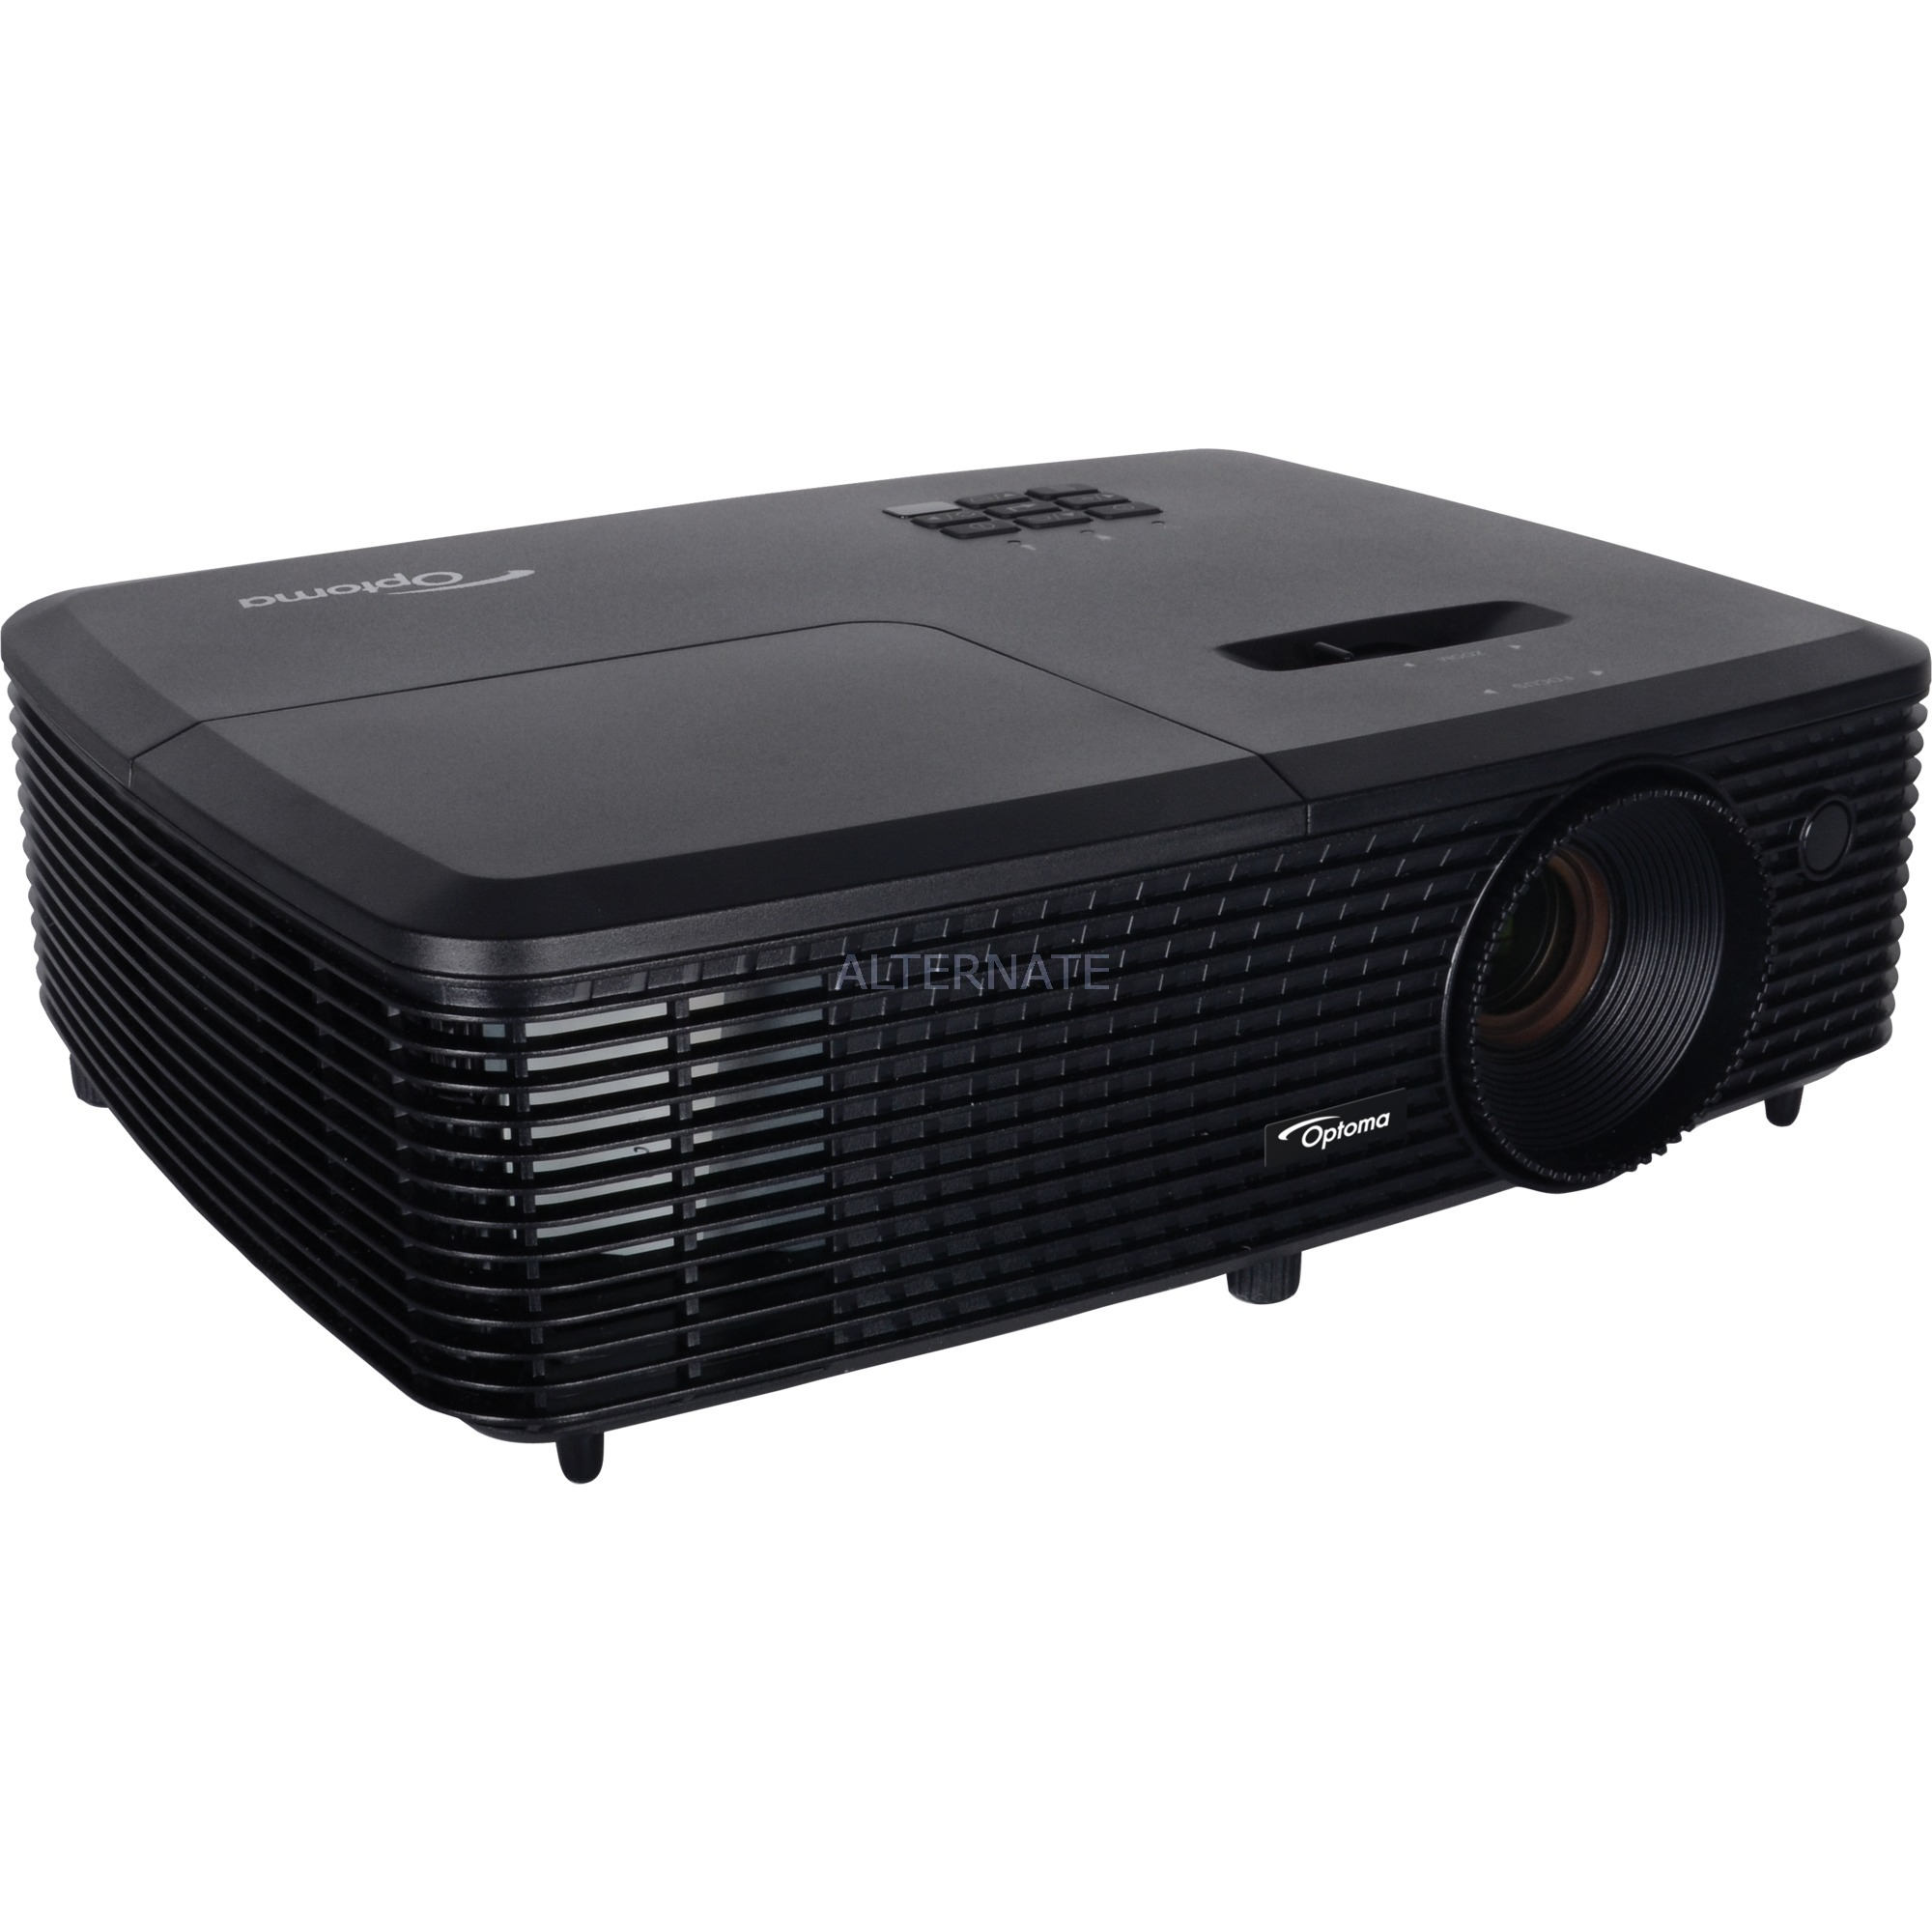 DH1020 Vidéoprojecteur portable 3400ANSI lumens DLP 1080p (1920x1080) Compatibilité 3D Noir vidéo-projecteur, Projecteur DLP